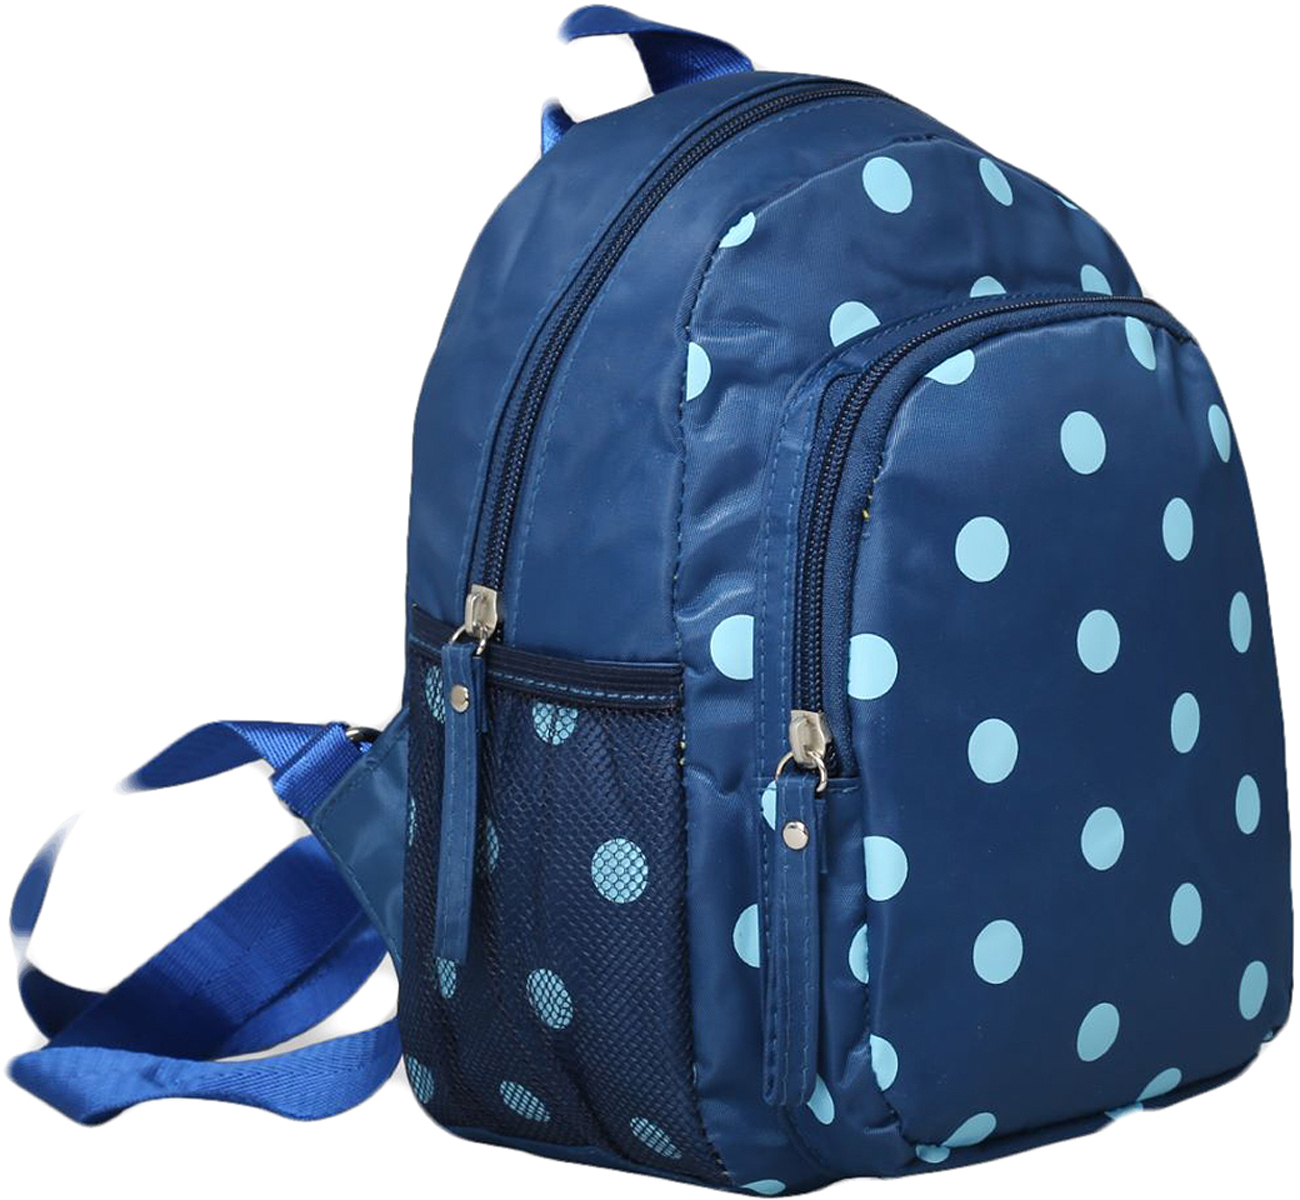 Рюкзак детский Горошек цвет синий 1470165, NoName